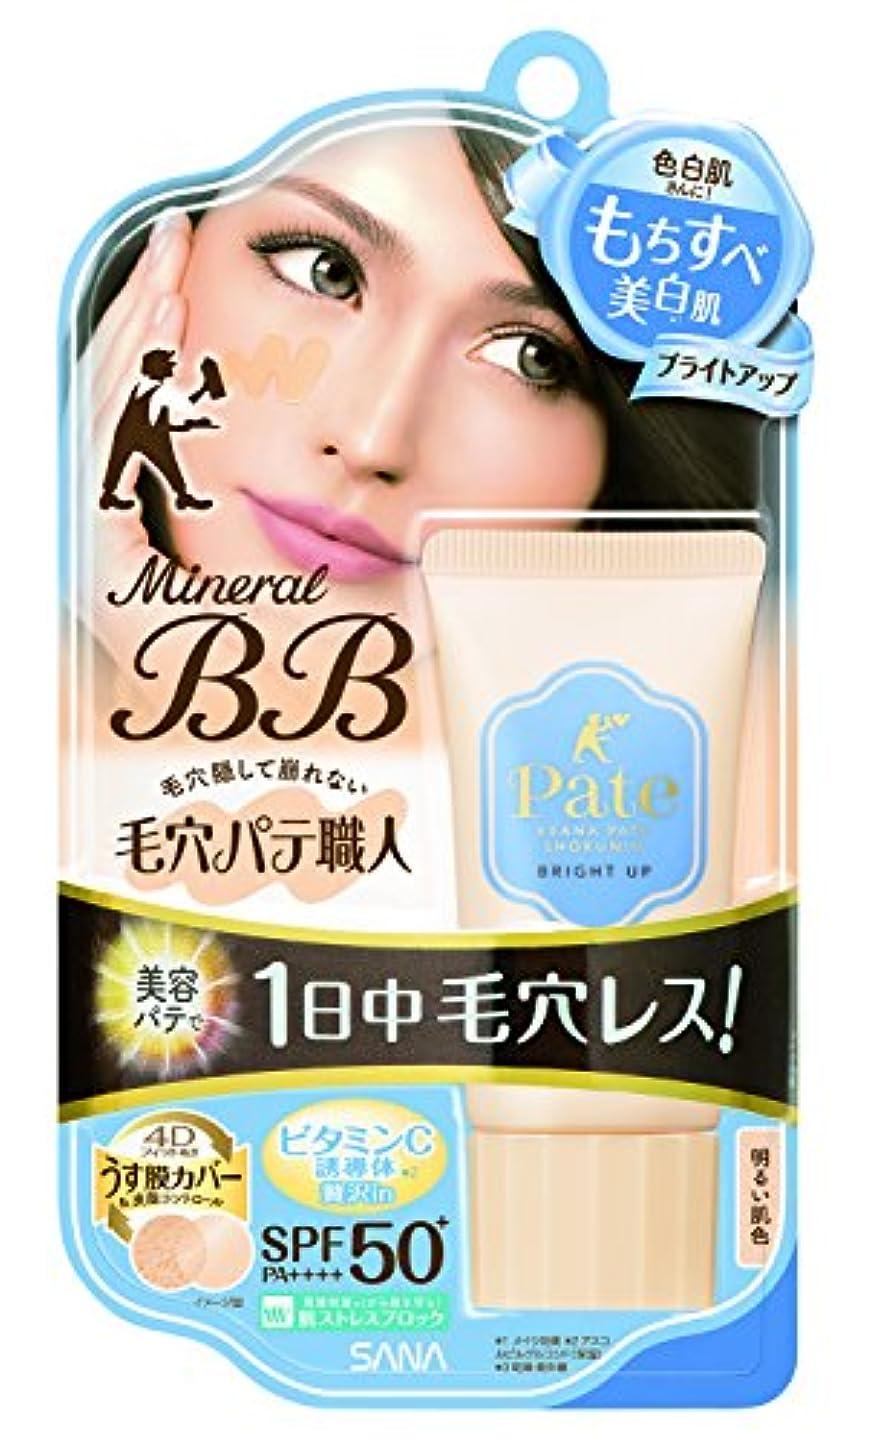 不十分狂う適度に毛穴パテ職人 ミネラルBBクリーム ブライトアップ 明るい肌色 30g